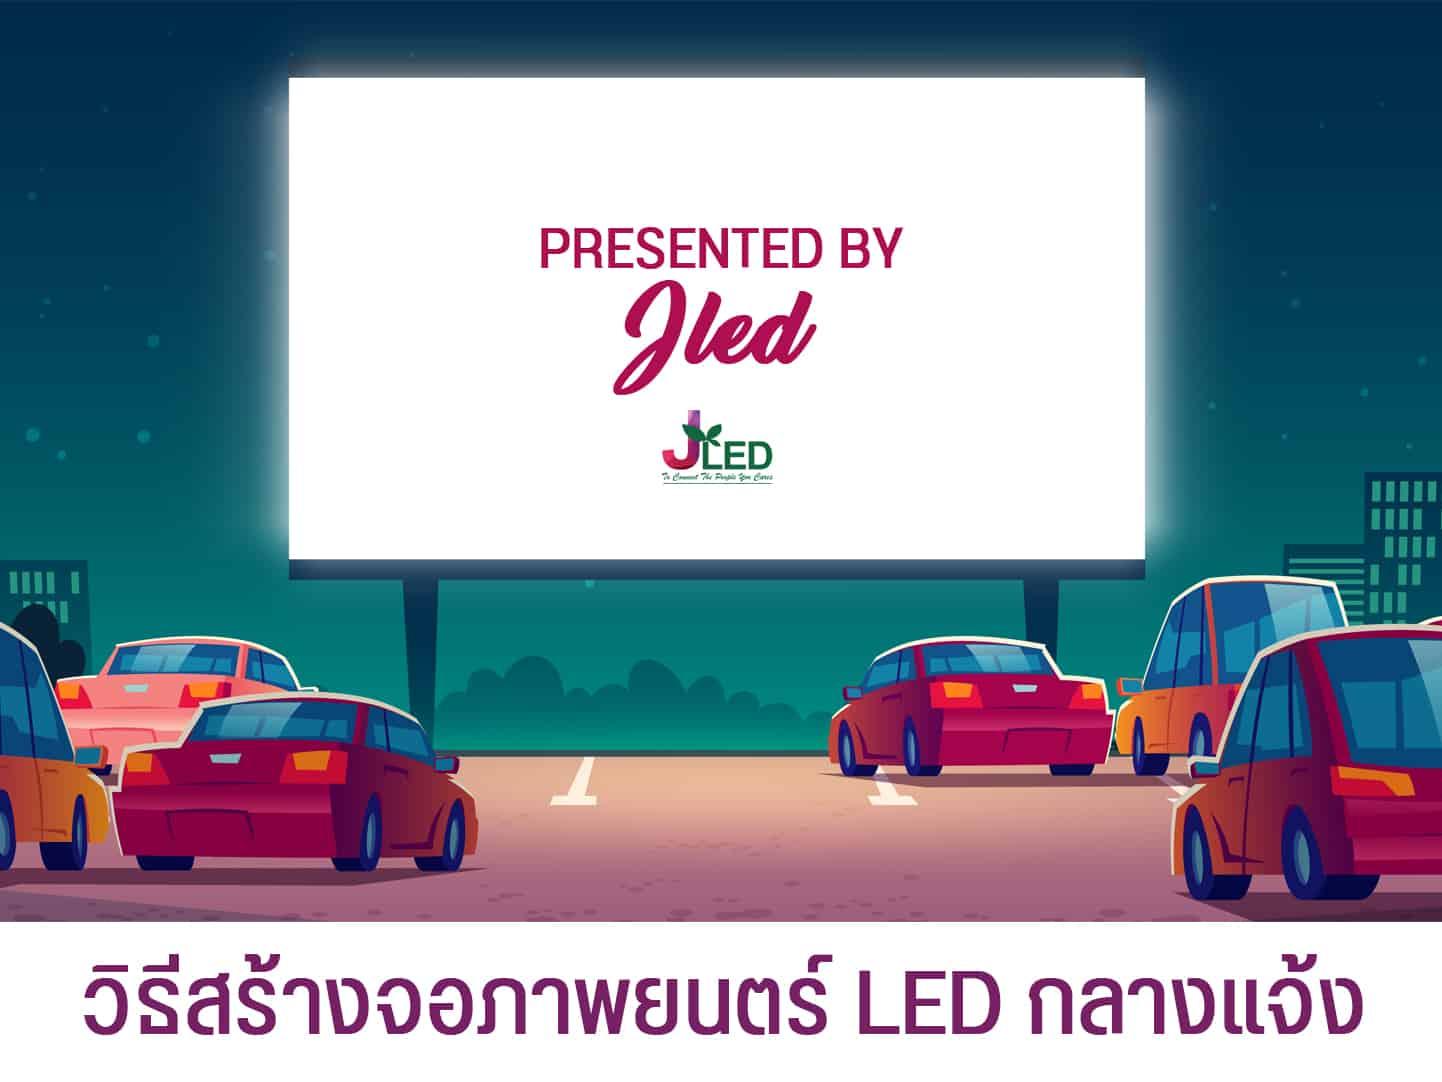 วิธีสร้างจอภาพยนตร์ LED กลางแจ้ง jled led display price